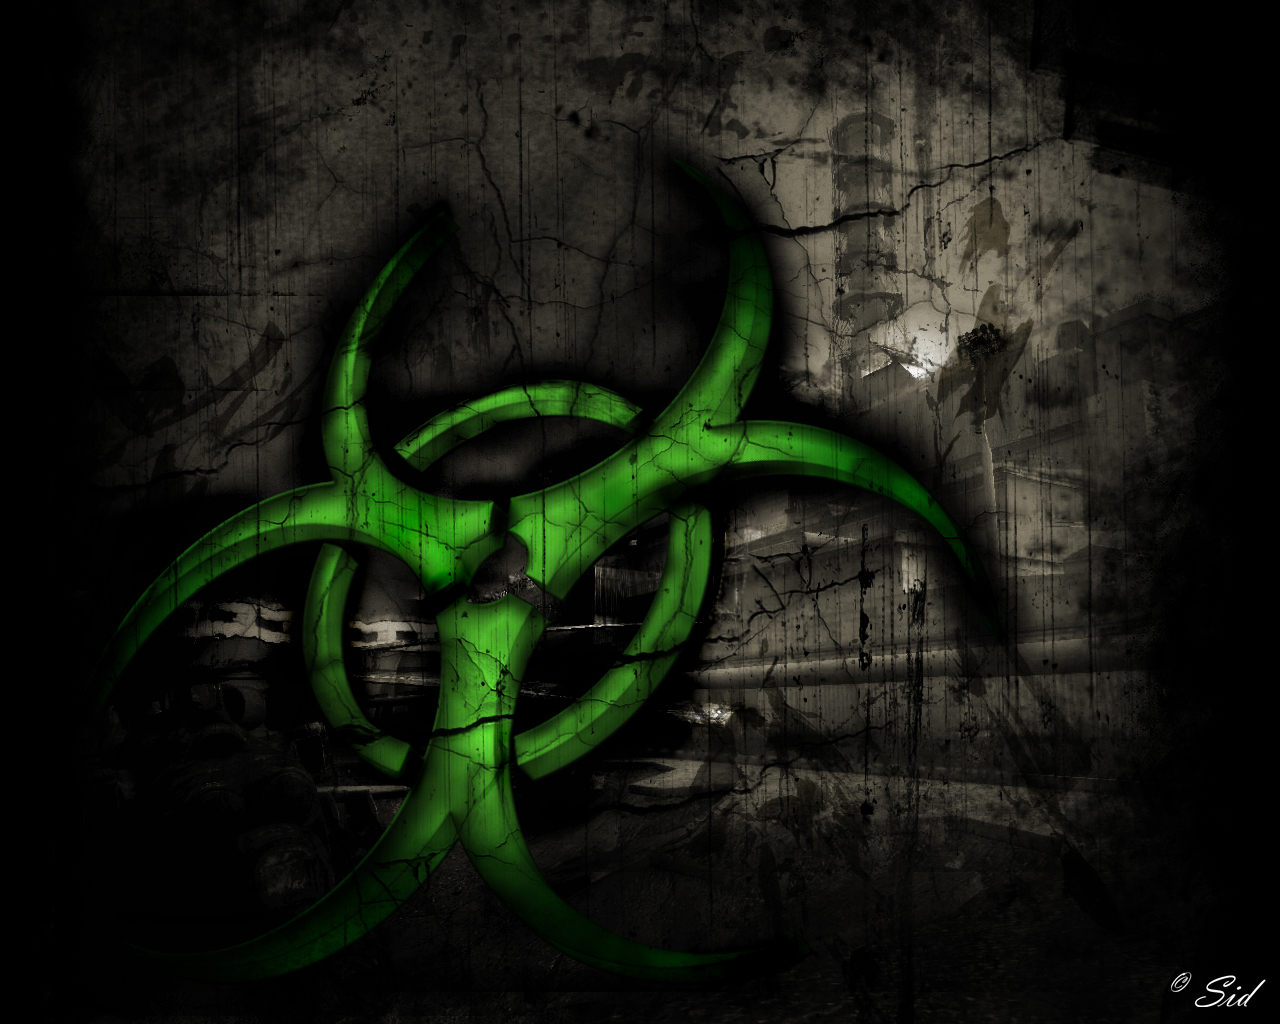 バイオハザードのカッコイイ画像 壁紙 Bio Hazard Naver まとめ